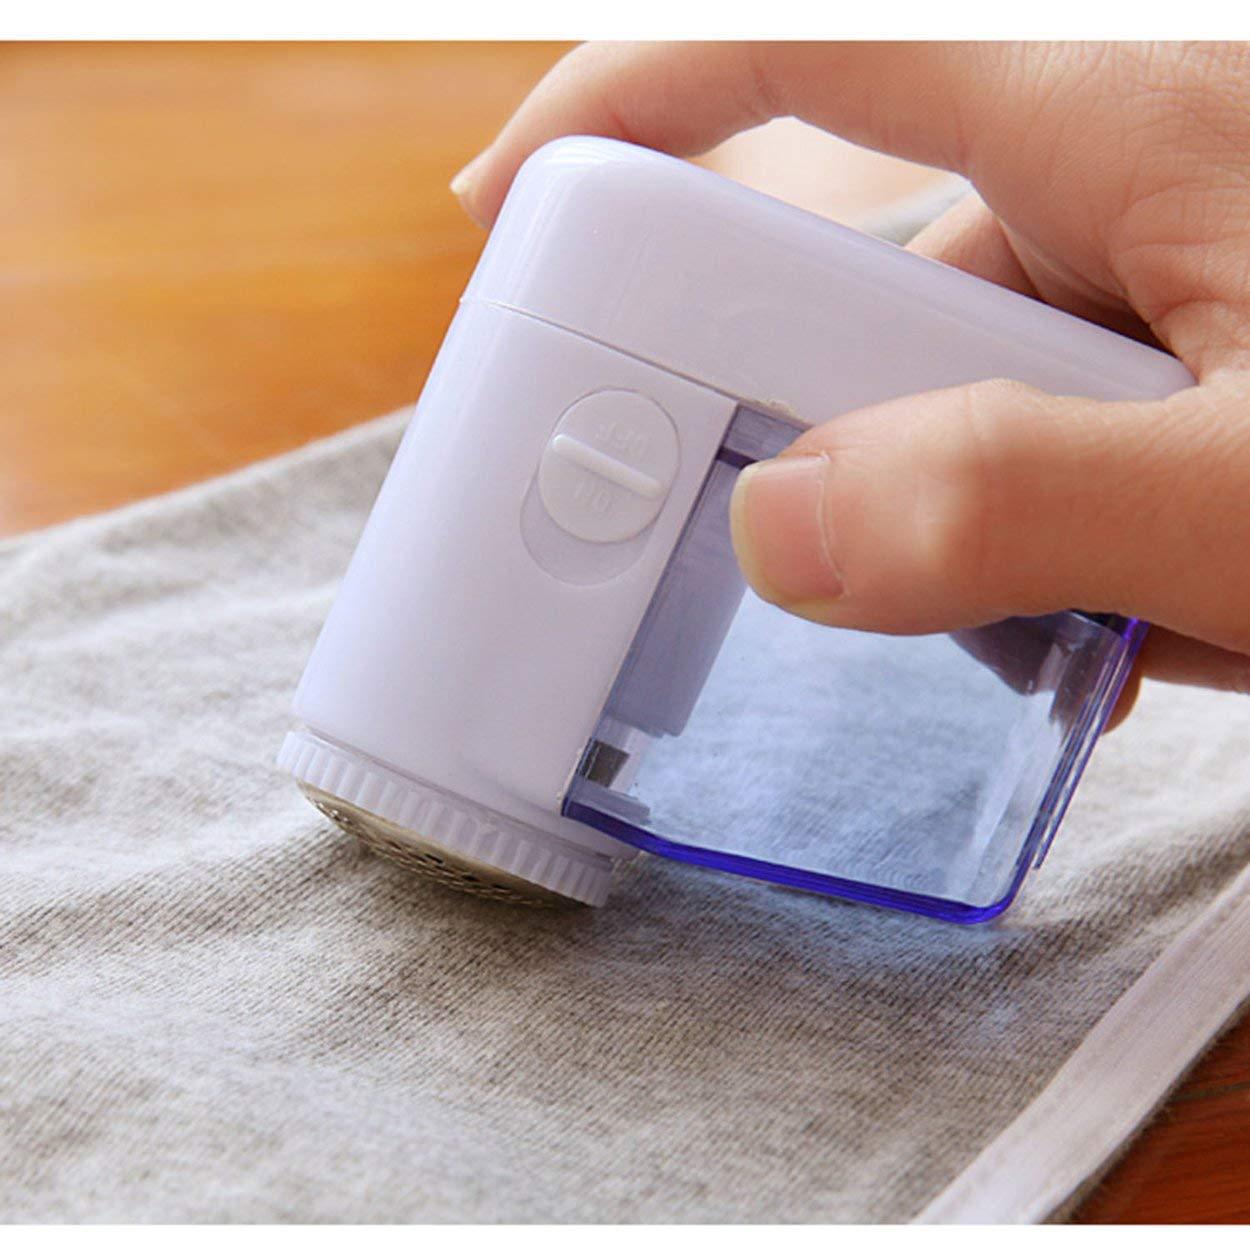 Lofenlli Le dissolvant de charpie /élimine le tissu de peluche de pull de pull de v/êtements de machine de rasoir pour enlever loutil de nettoyage de maison de pellets